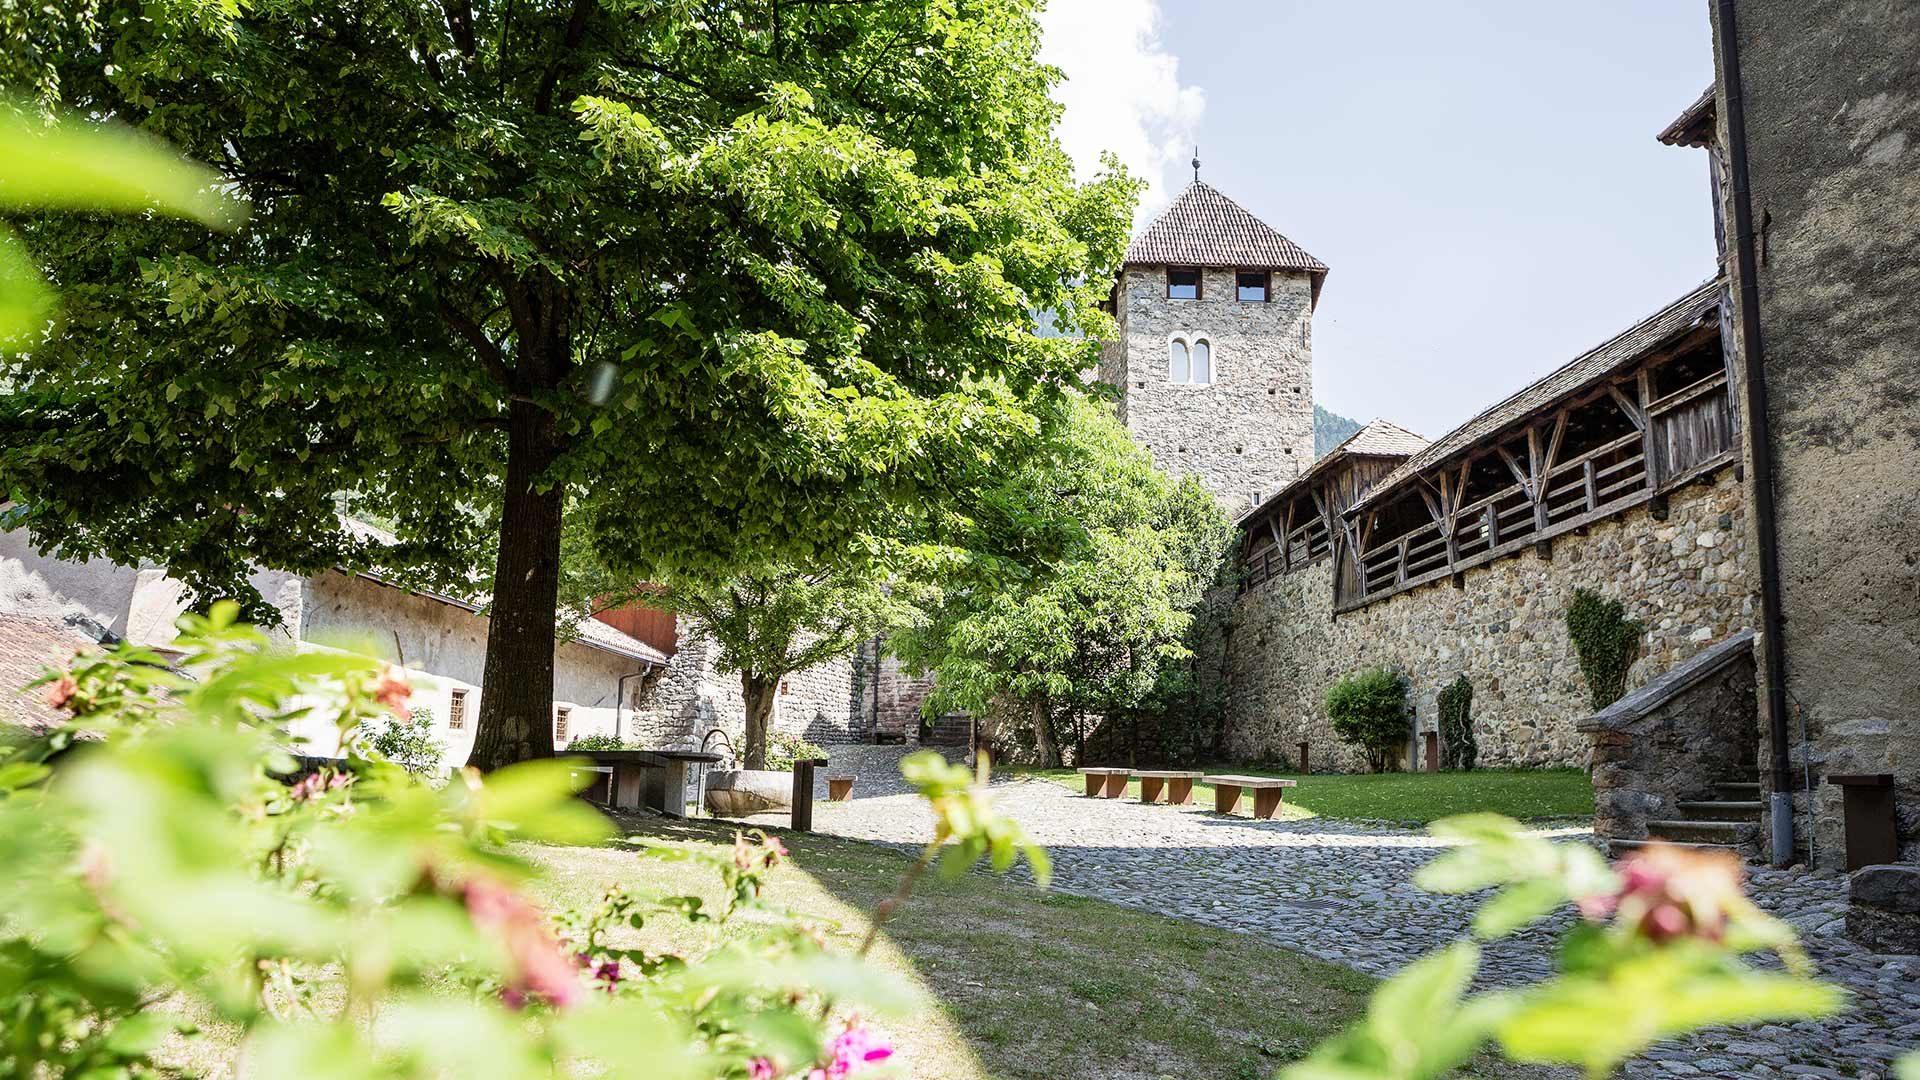 Schloss Tirol - Innenhof